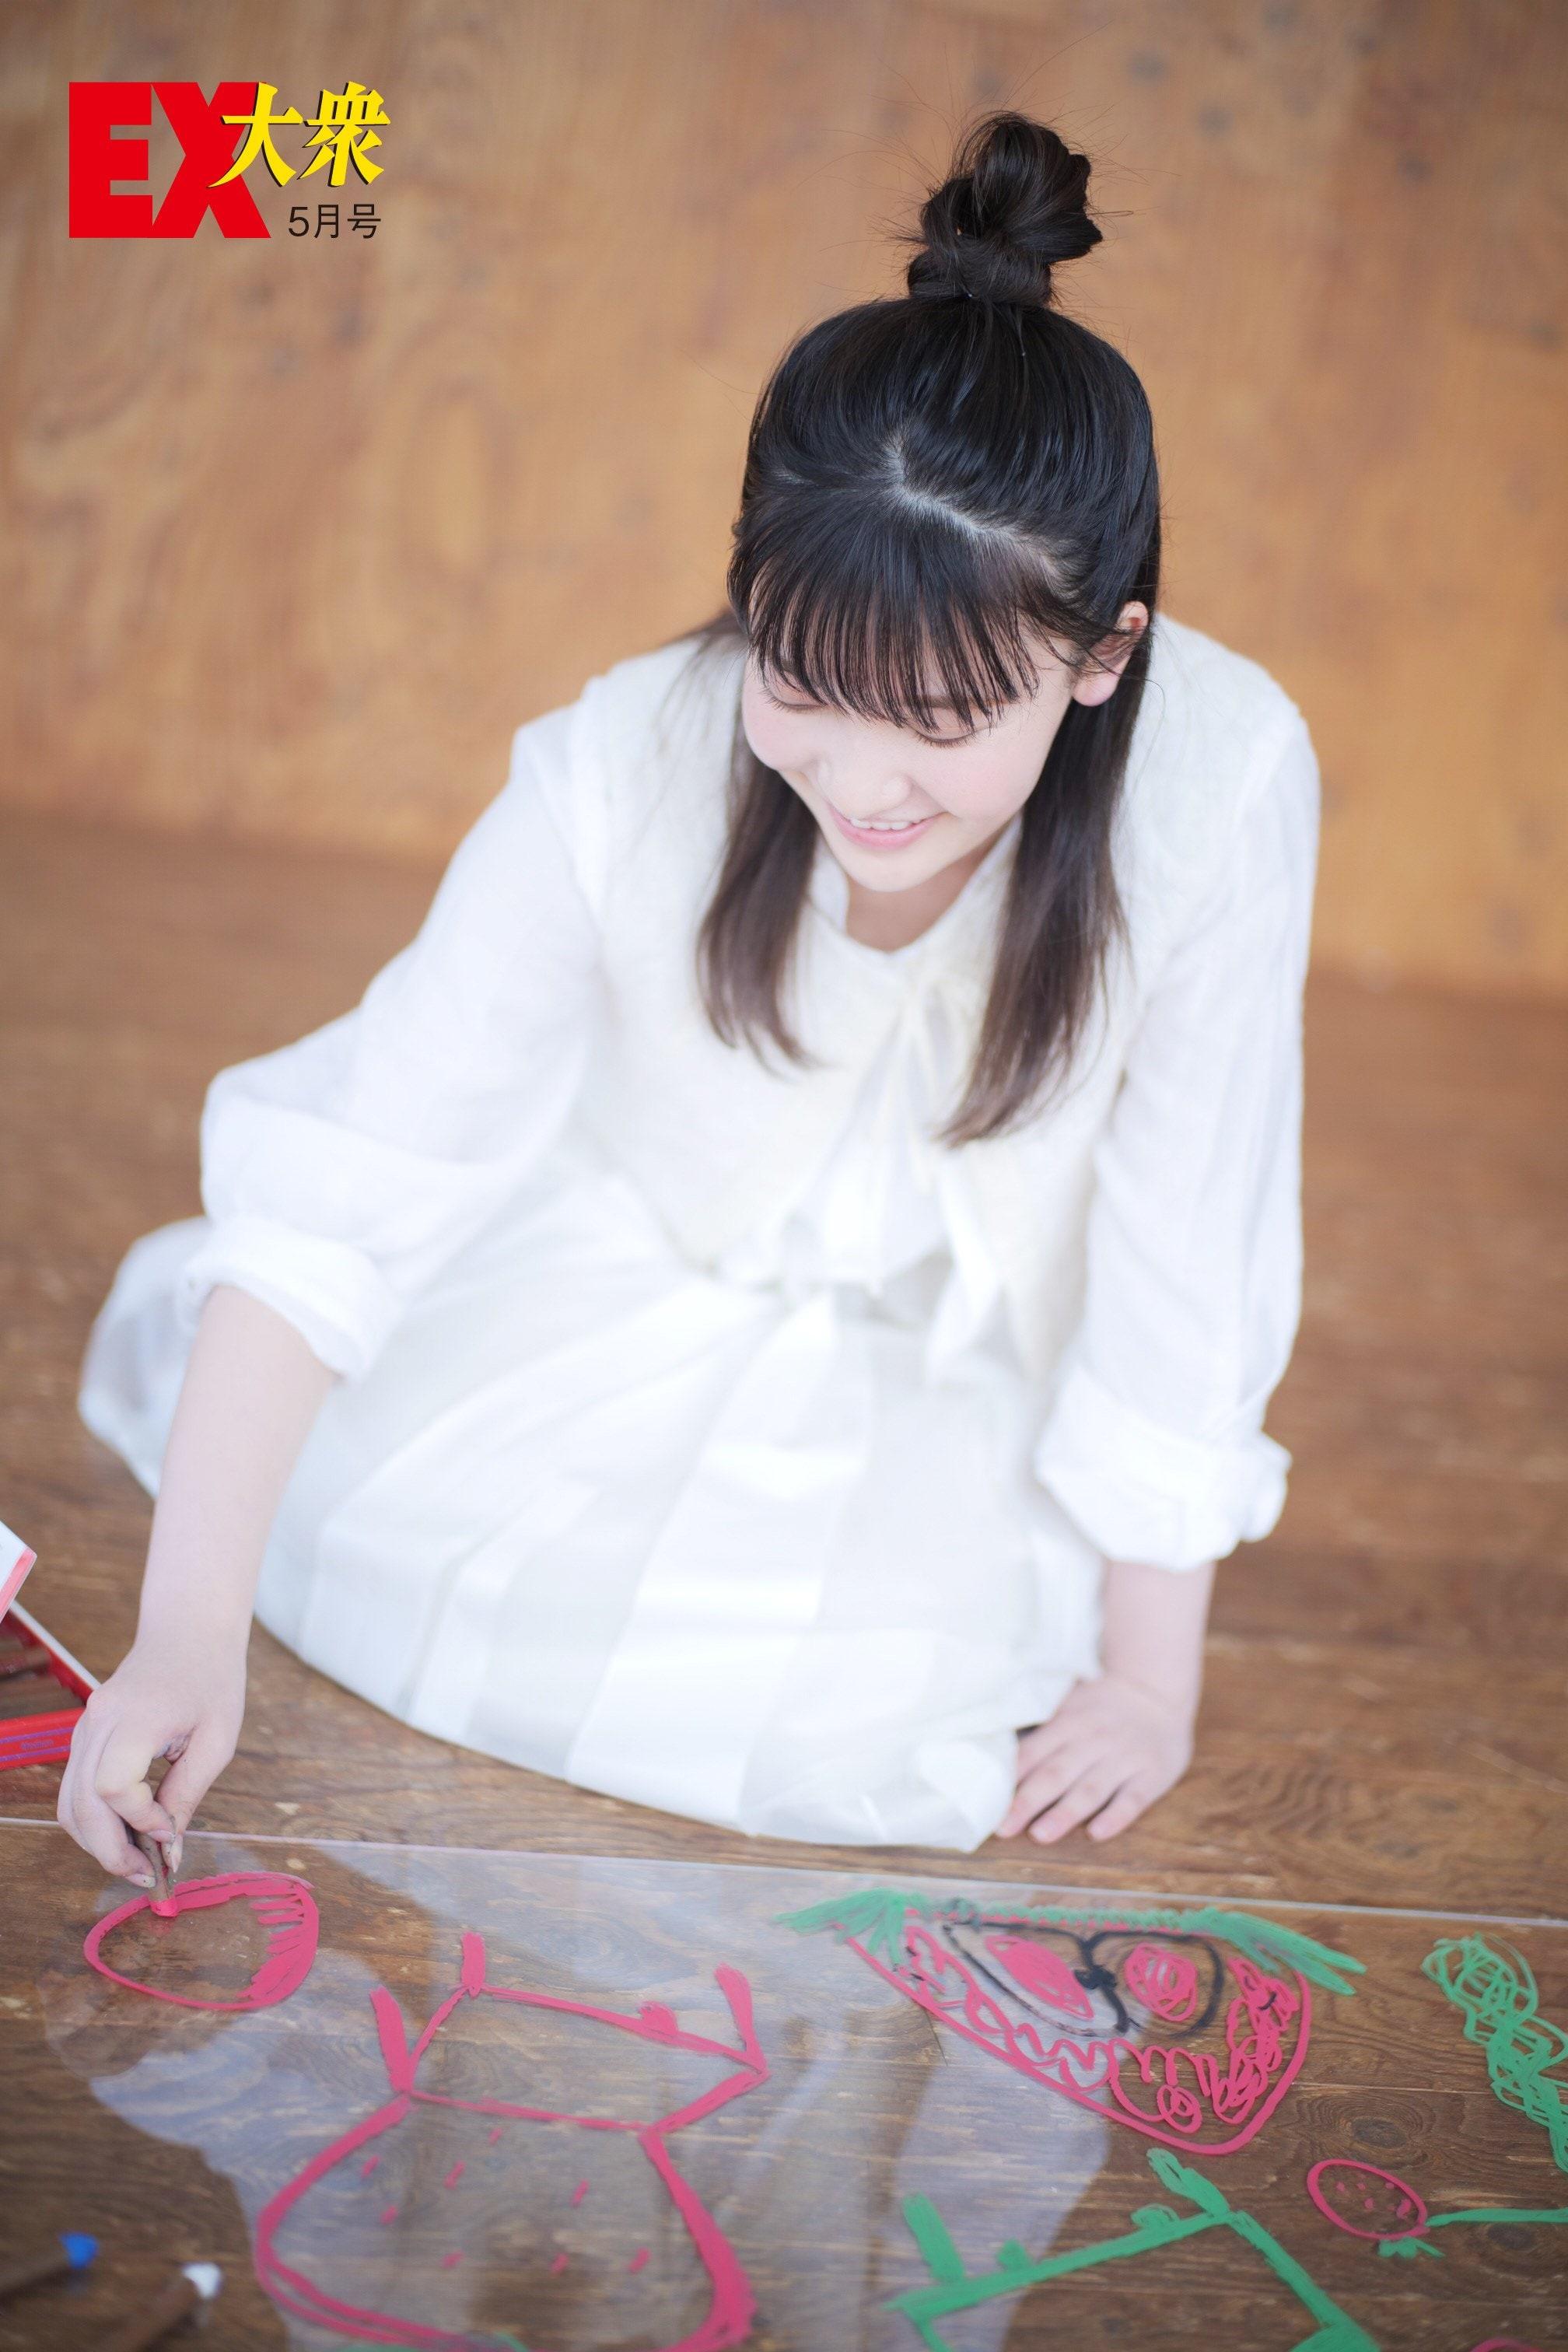 櫻坂46大沼晶保の本誌未掲載カット4枚を大公開!【EX大衆5月号】の画像002